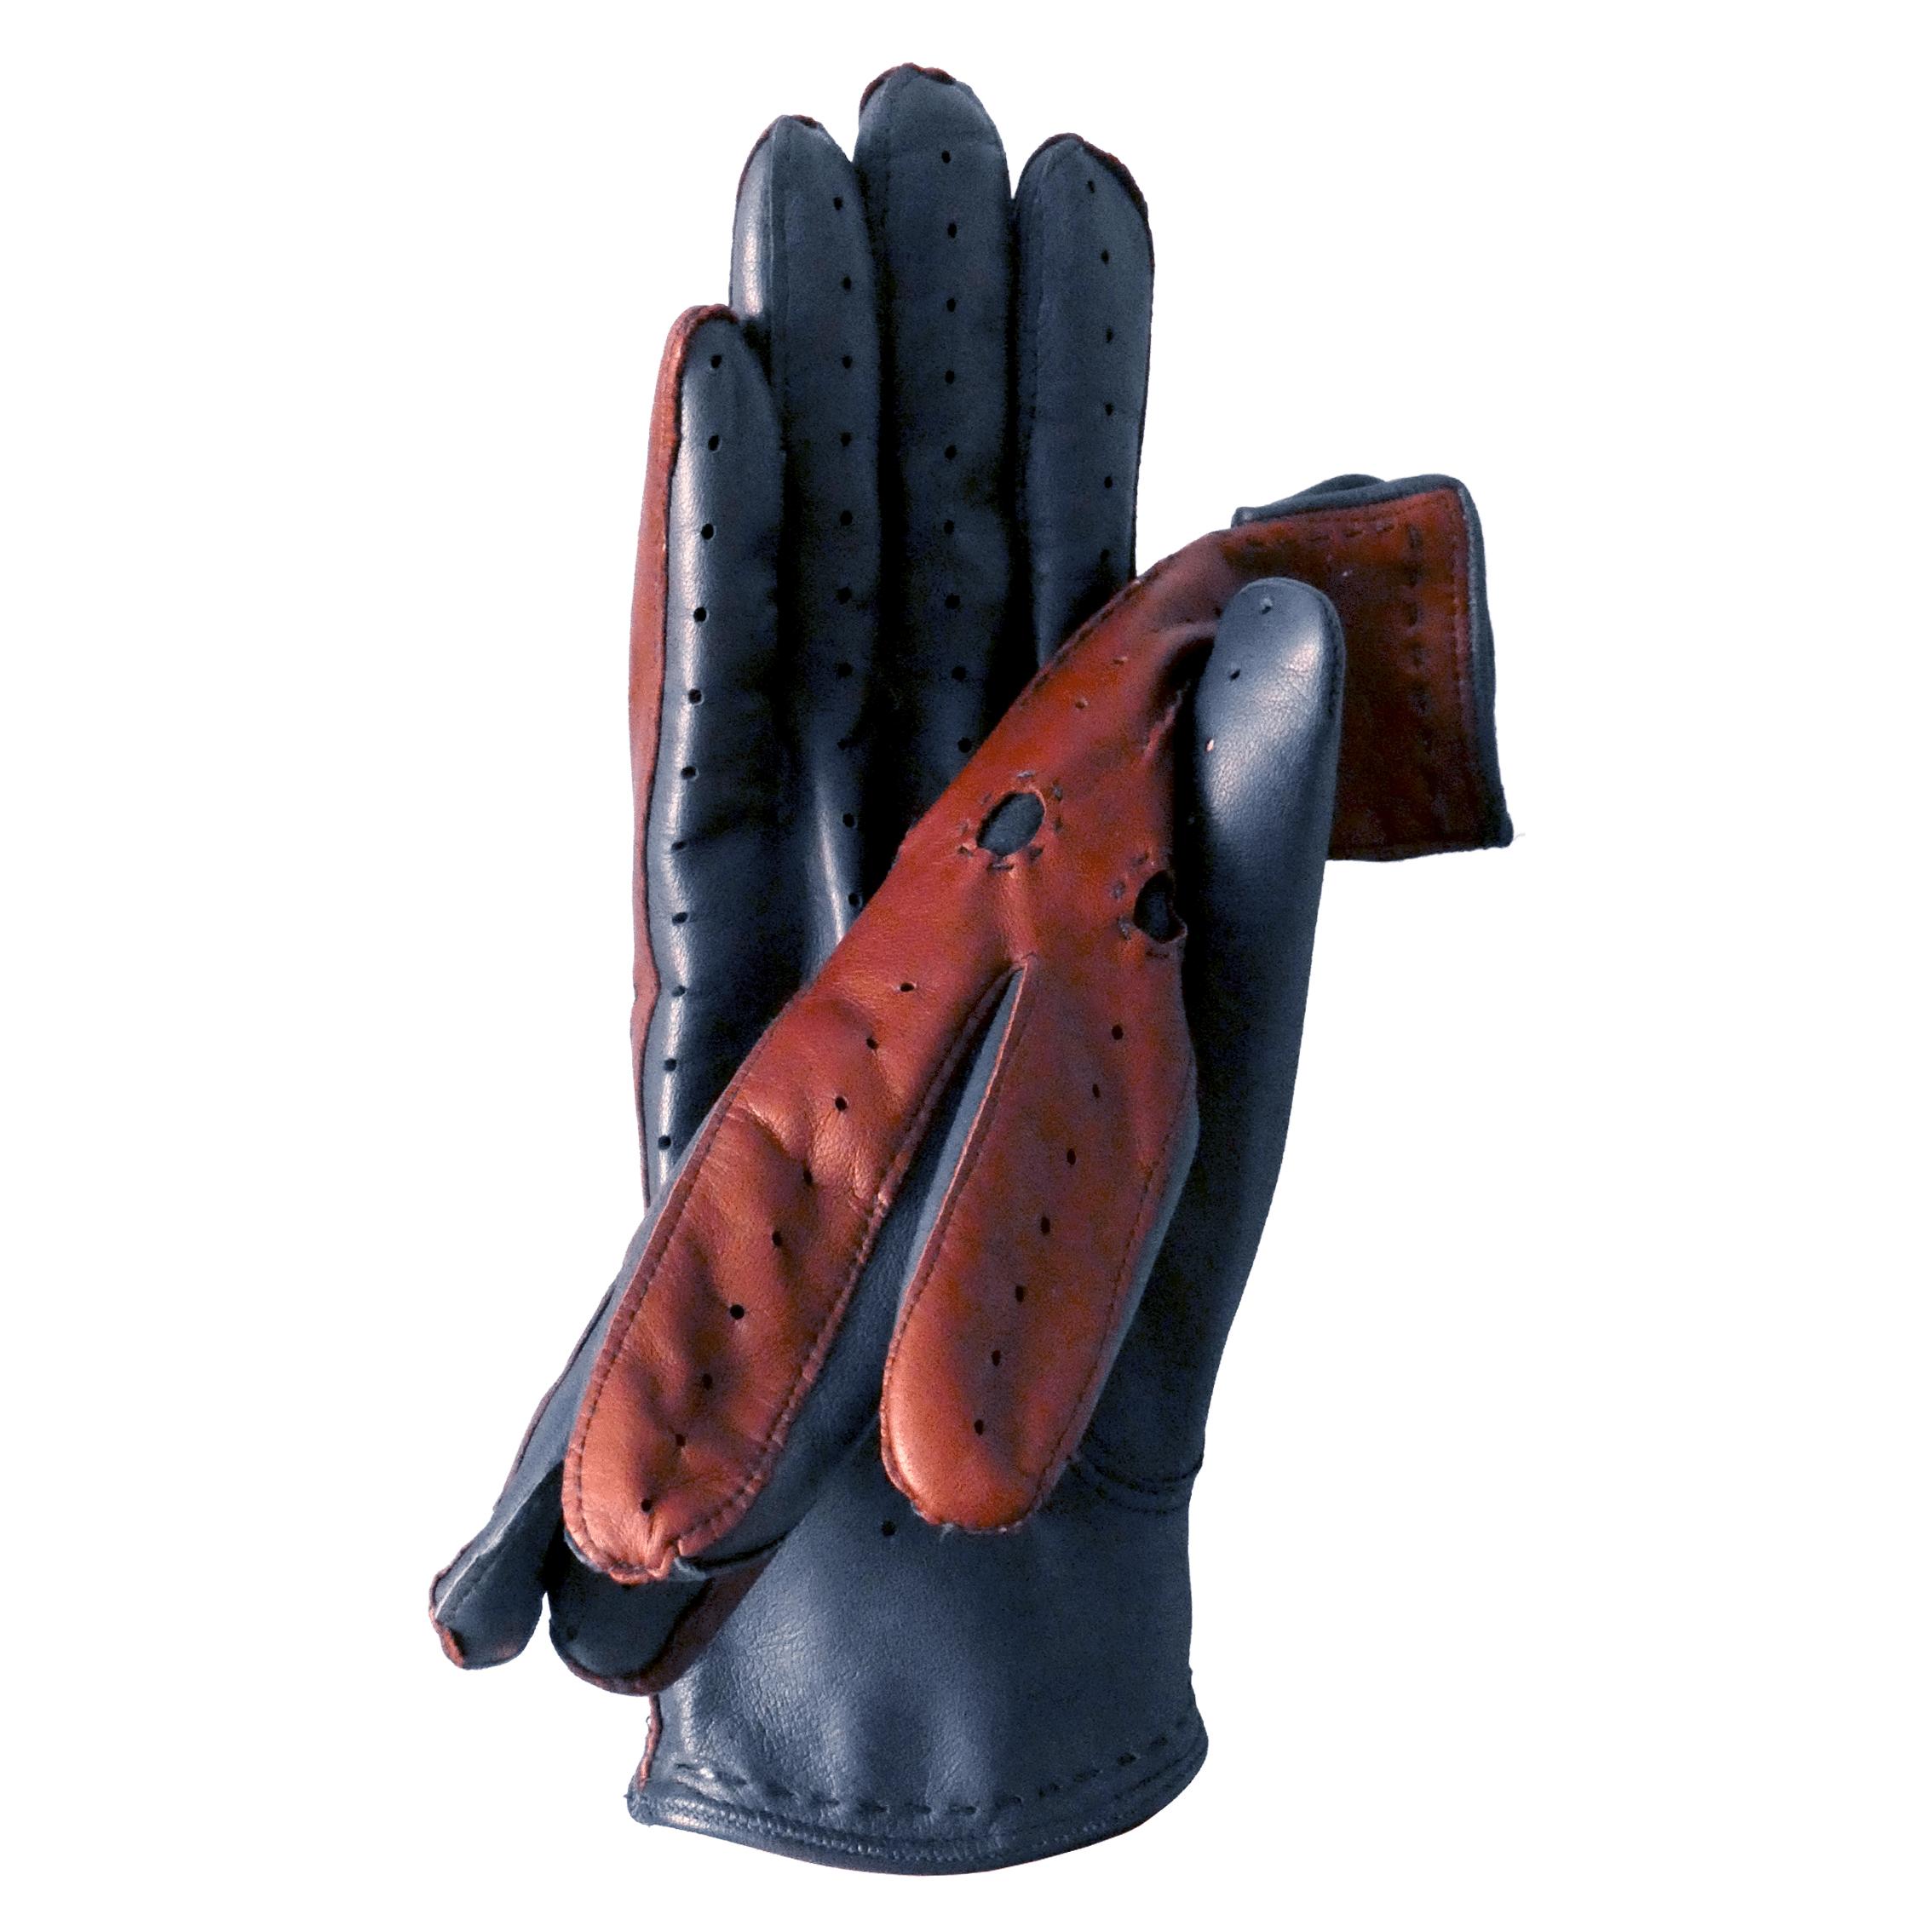 Gants de conduite fantaisie bicolore pour homme en cuir d'agneau marron et marine